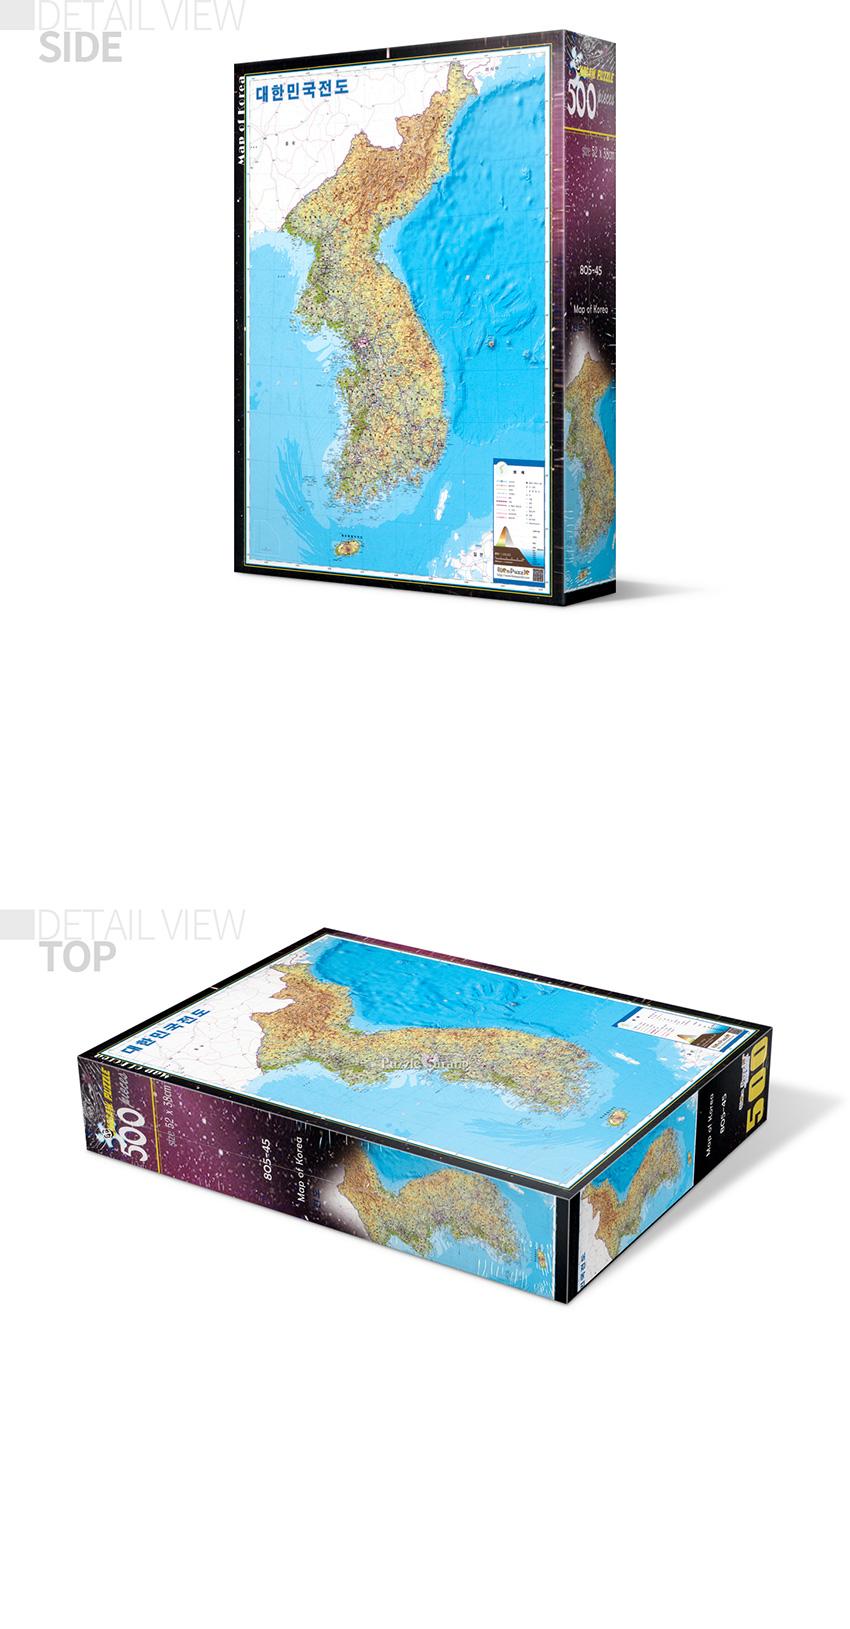 500피스 직소퍼즐 - 대한민국전도 - 퍼즐사랑, 5,600원, 조각/퍼즐, 풍경 직소퍼즐